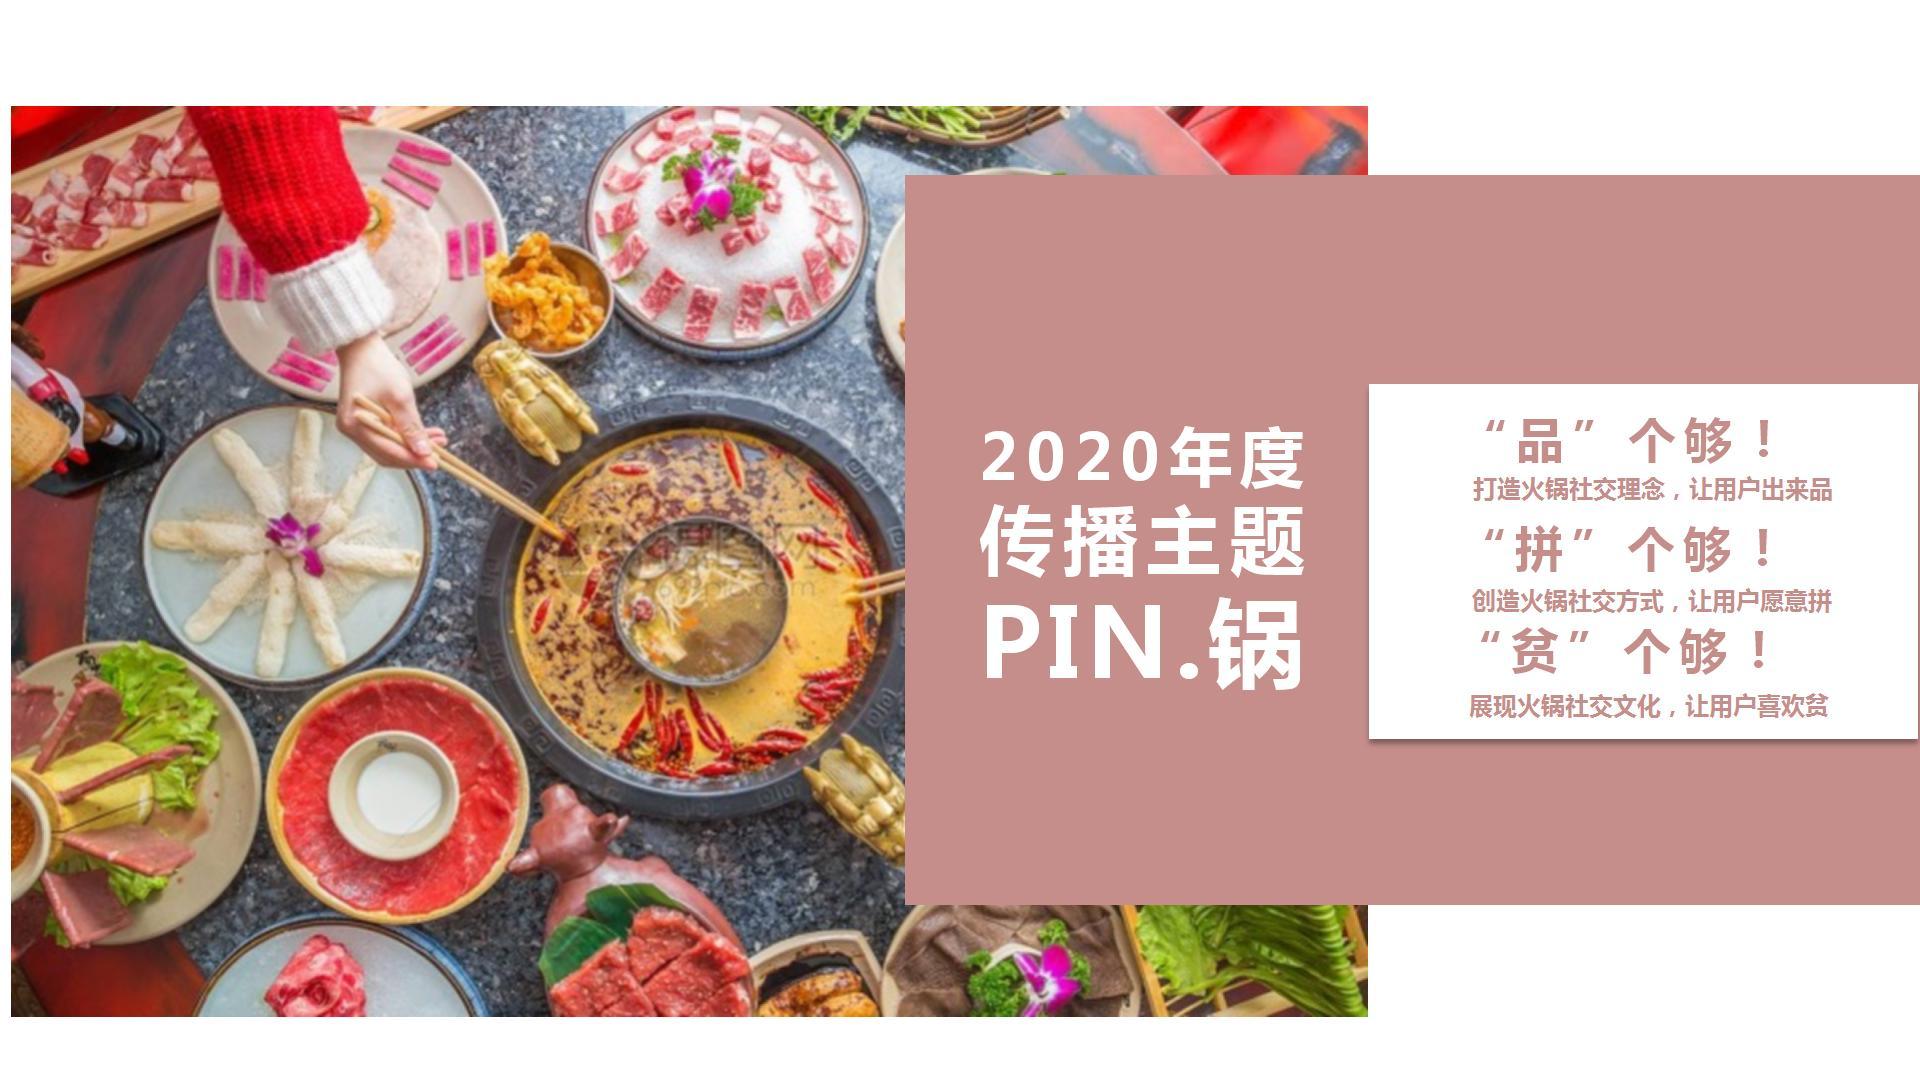 2020东来顺餐饮年度营销策略方案,餐饮行业如何做线上营销